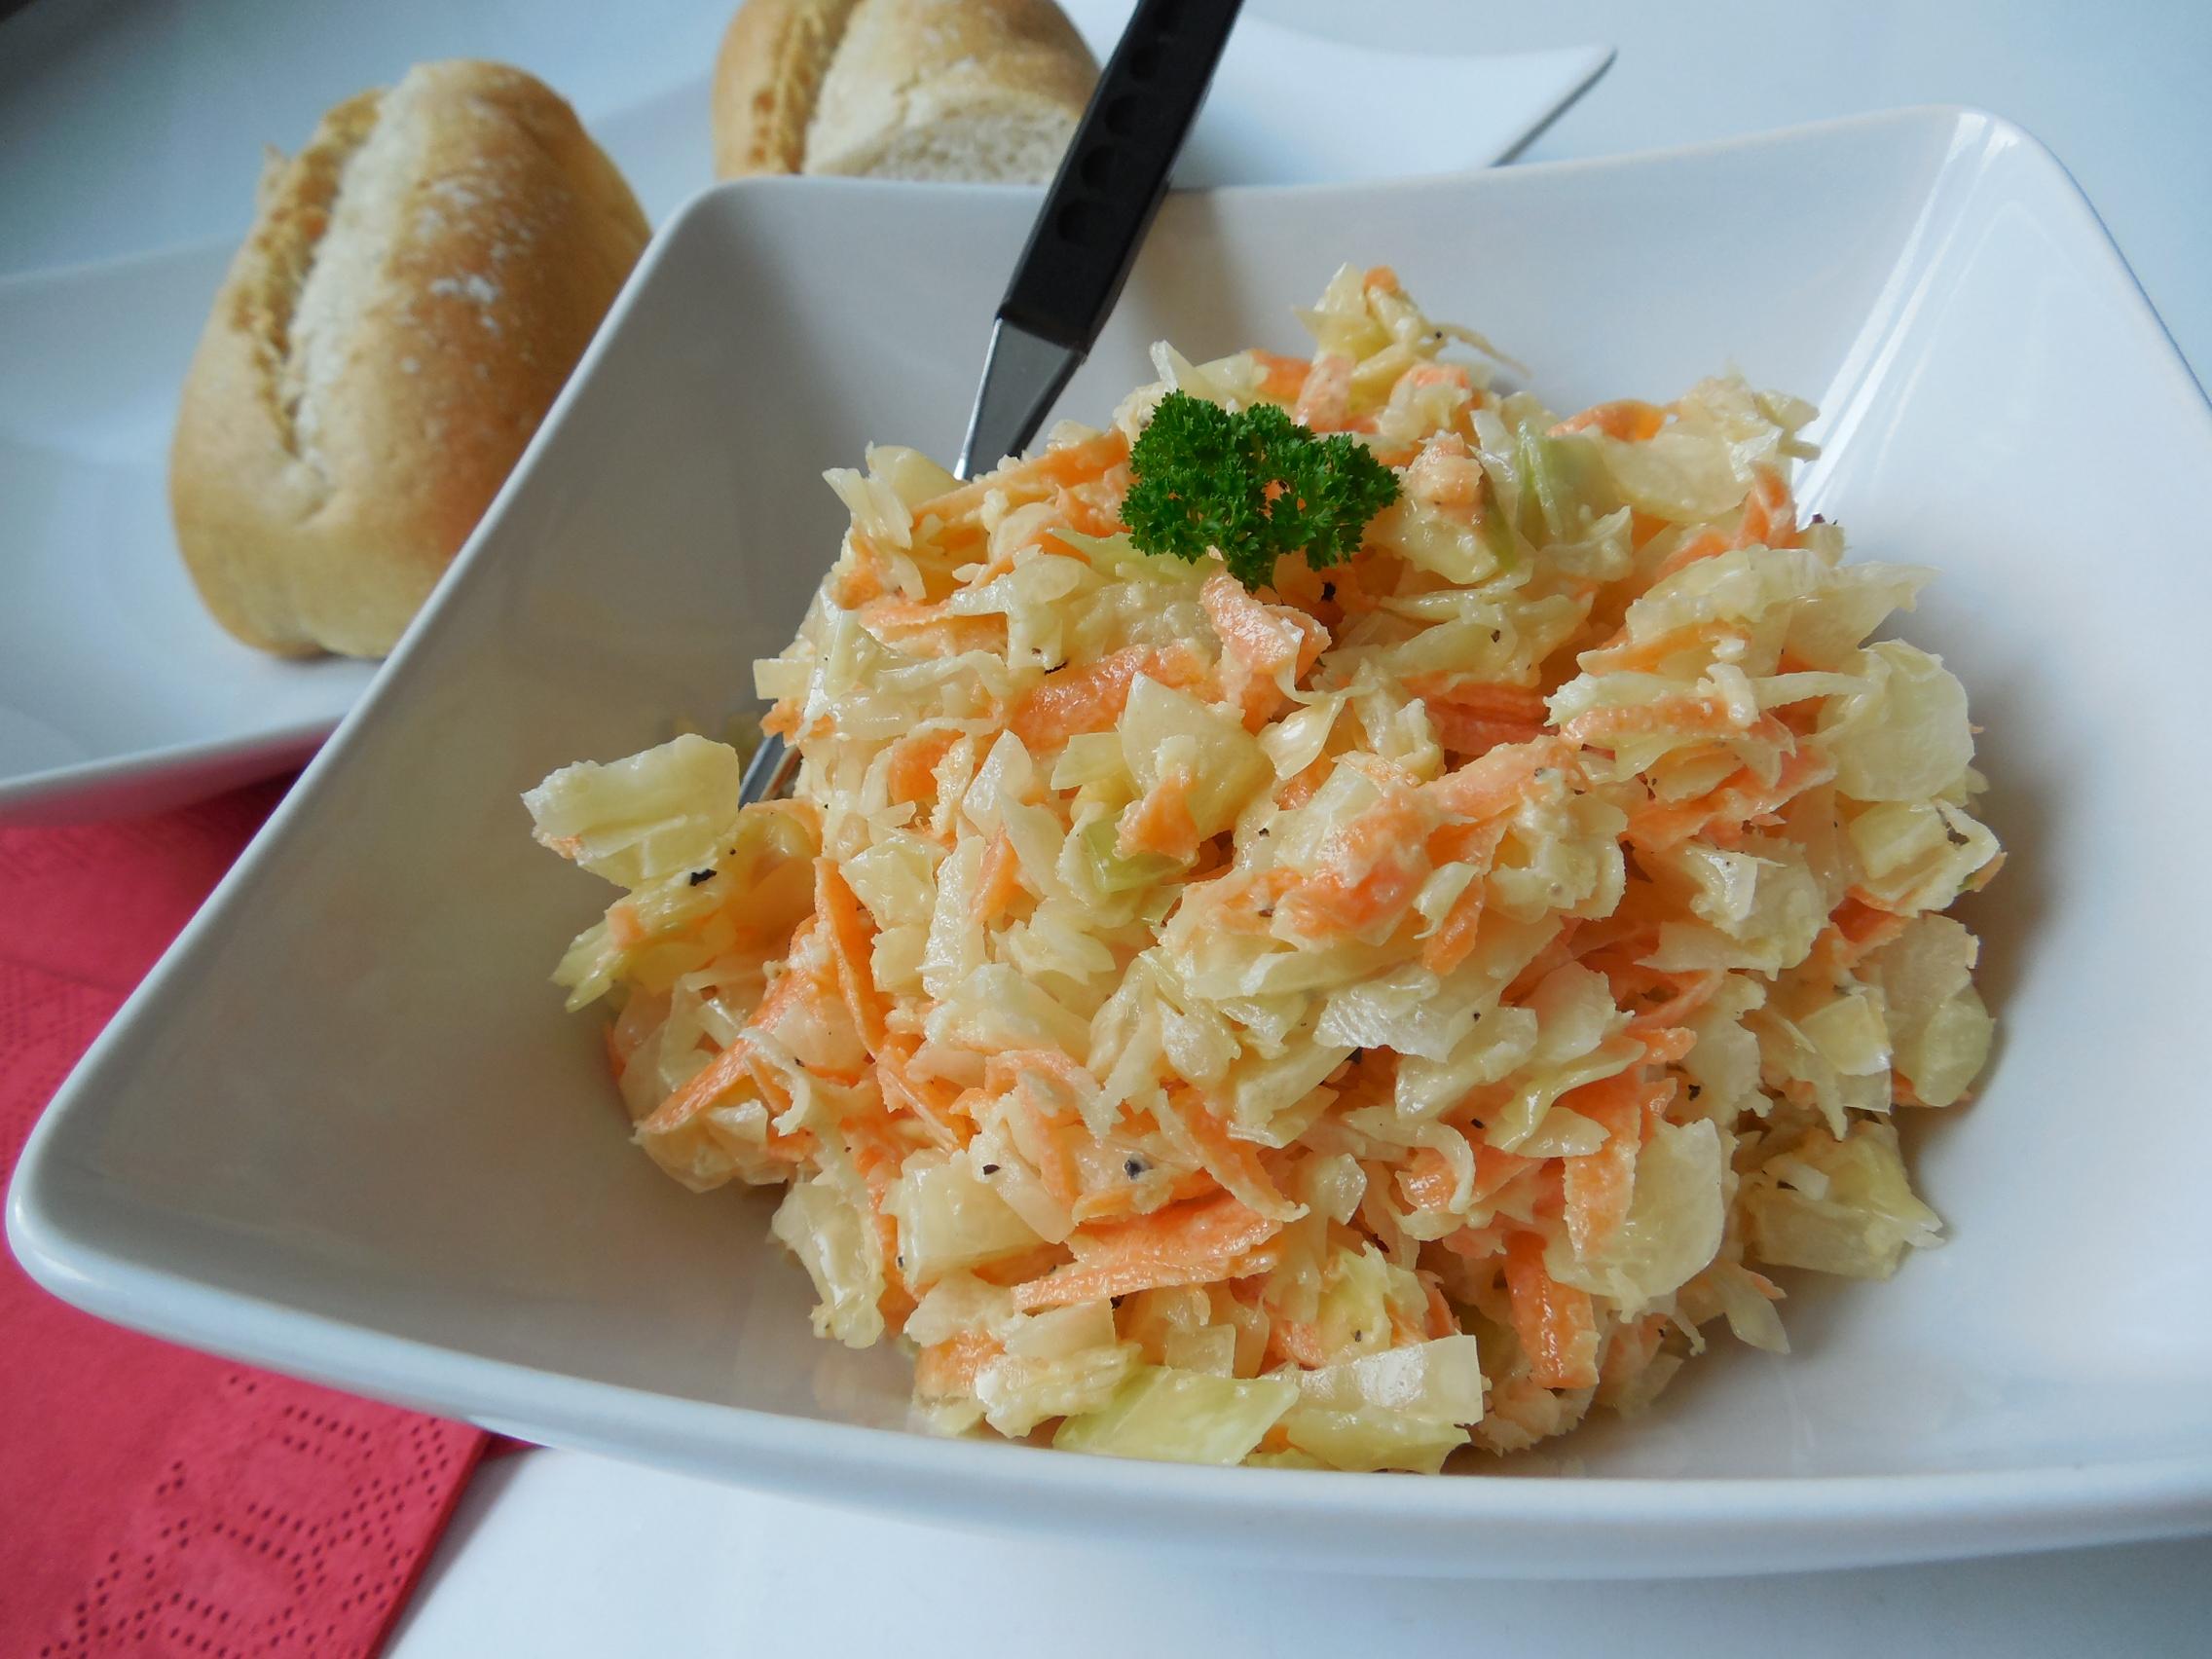 Skvělý salát coleslaw